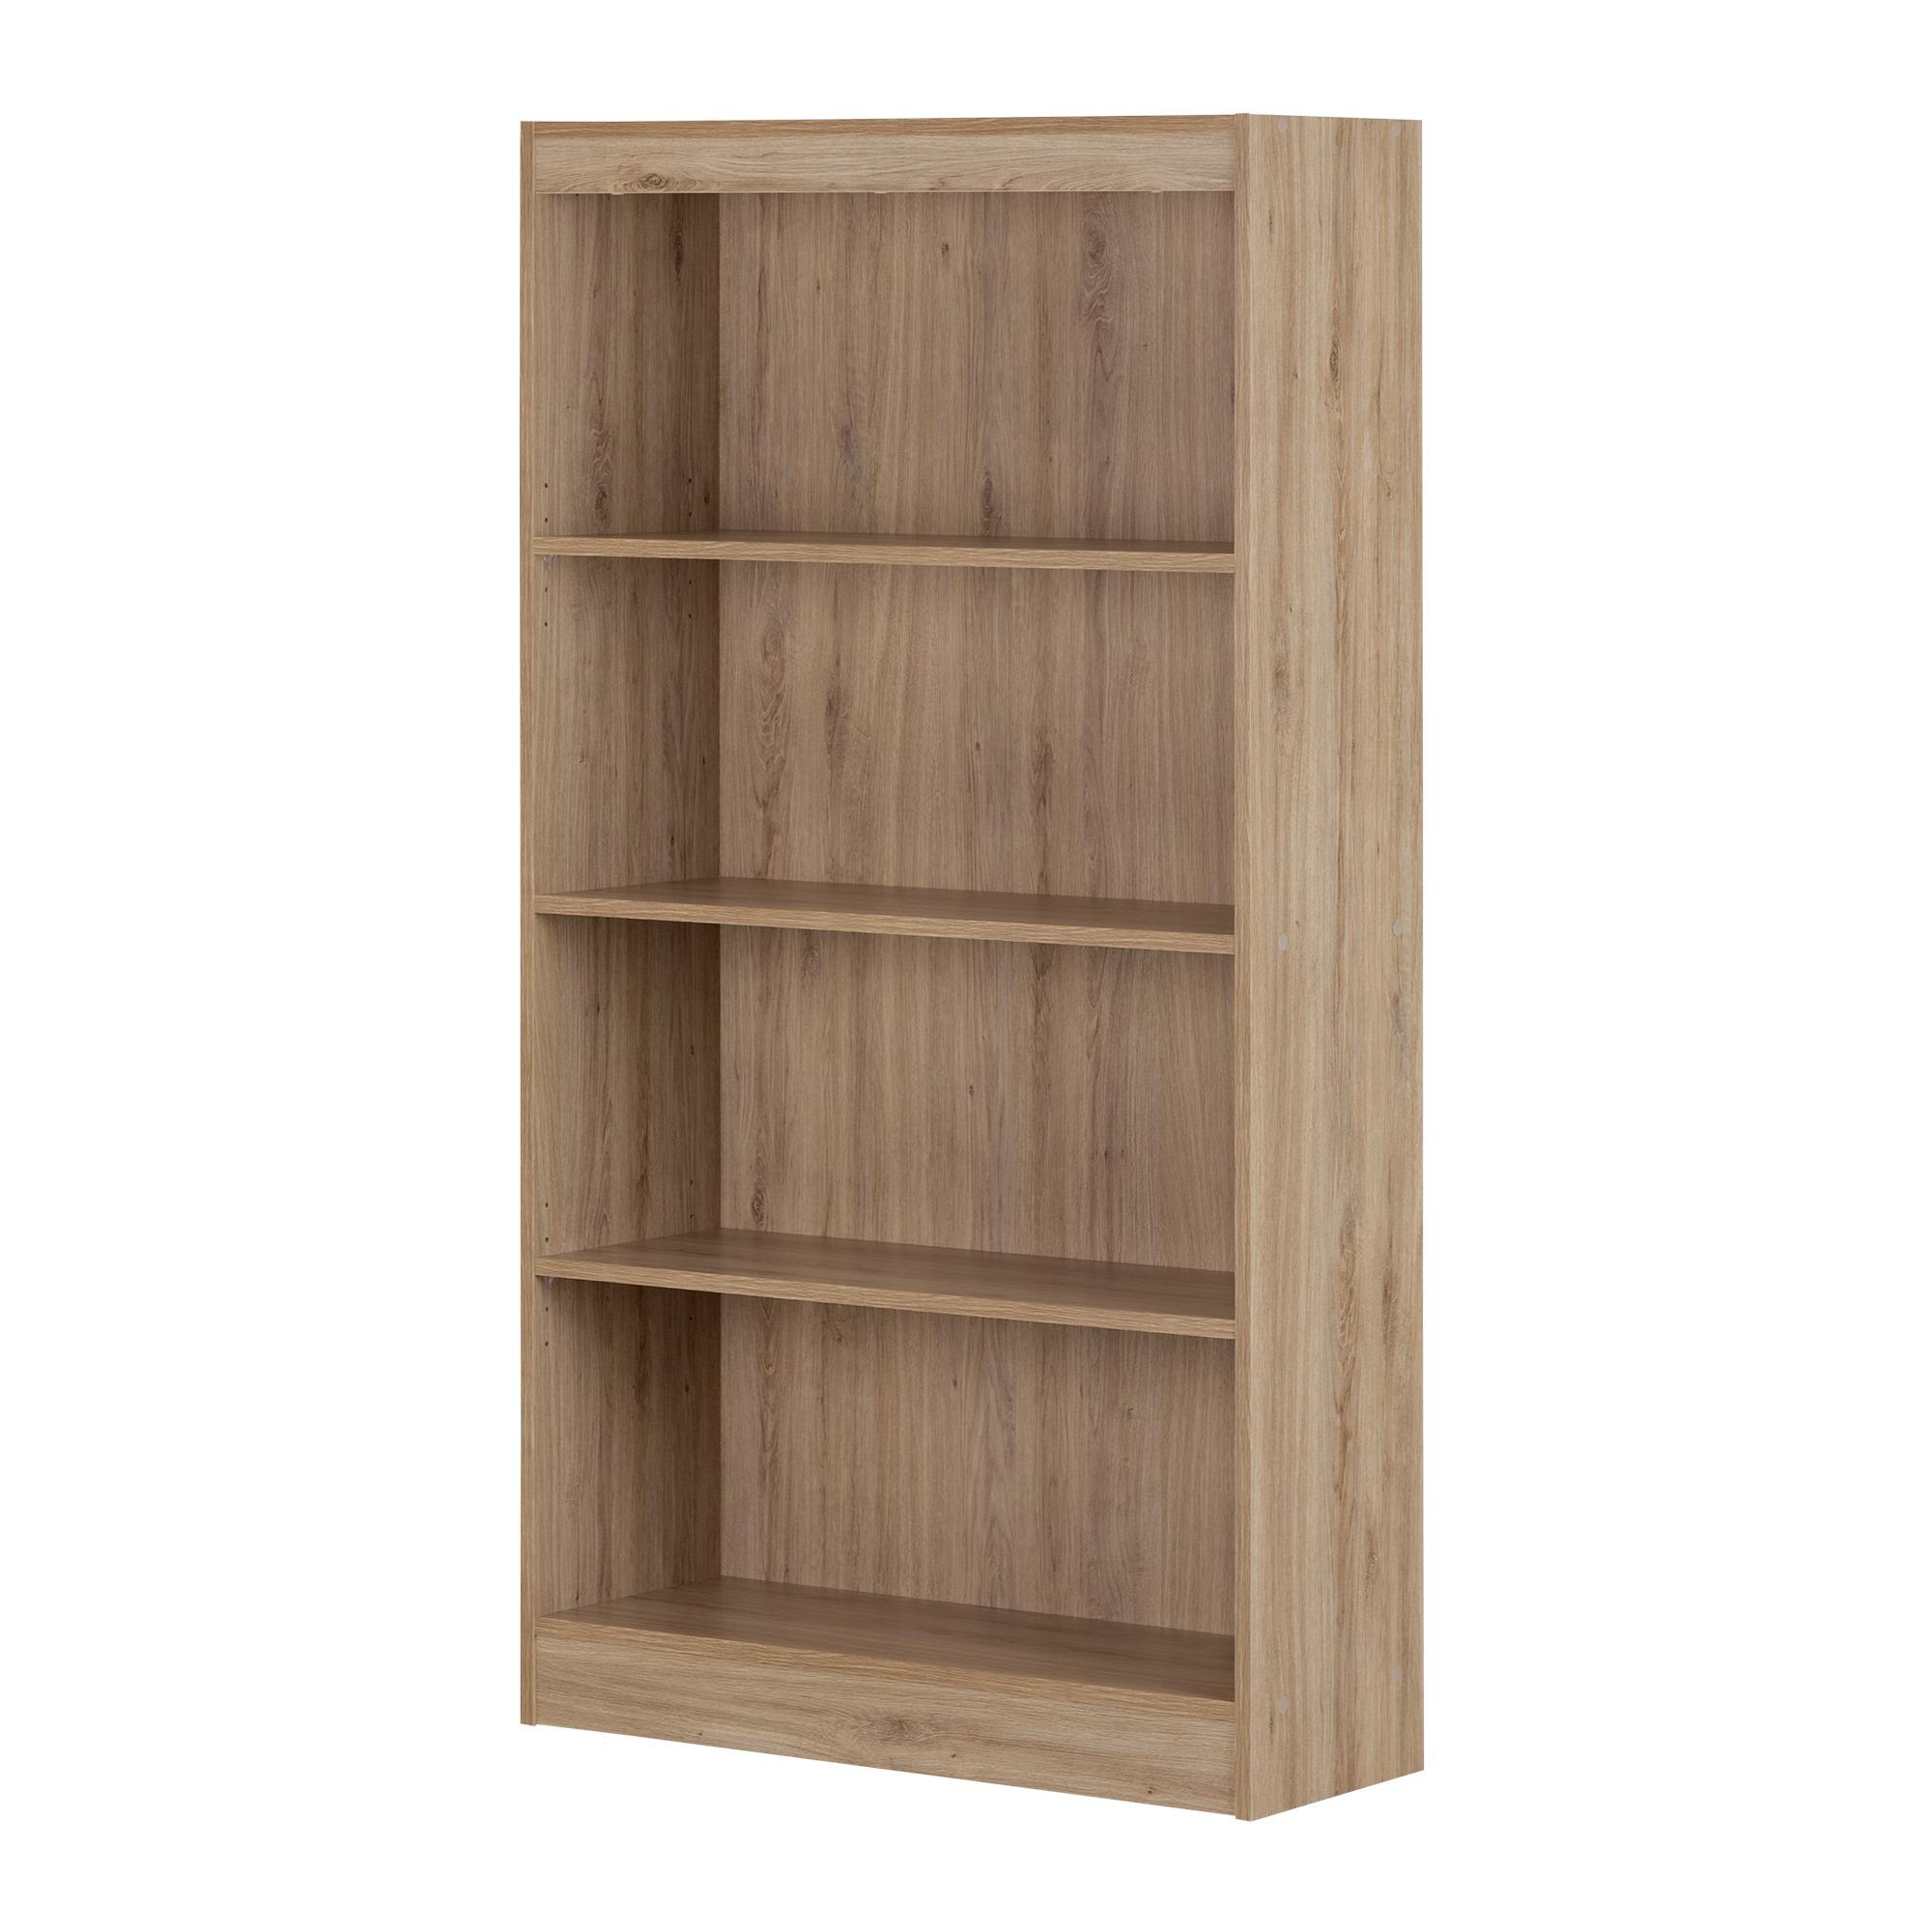 South Shore Axess 4-Shelf Bookcase, Country Green